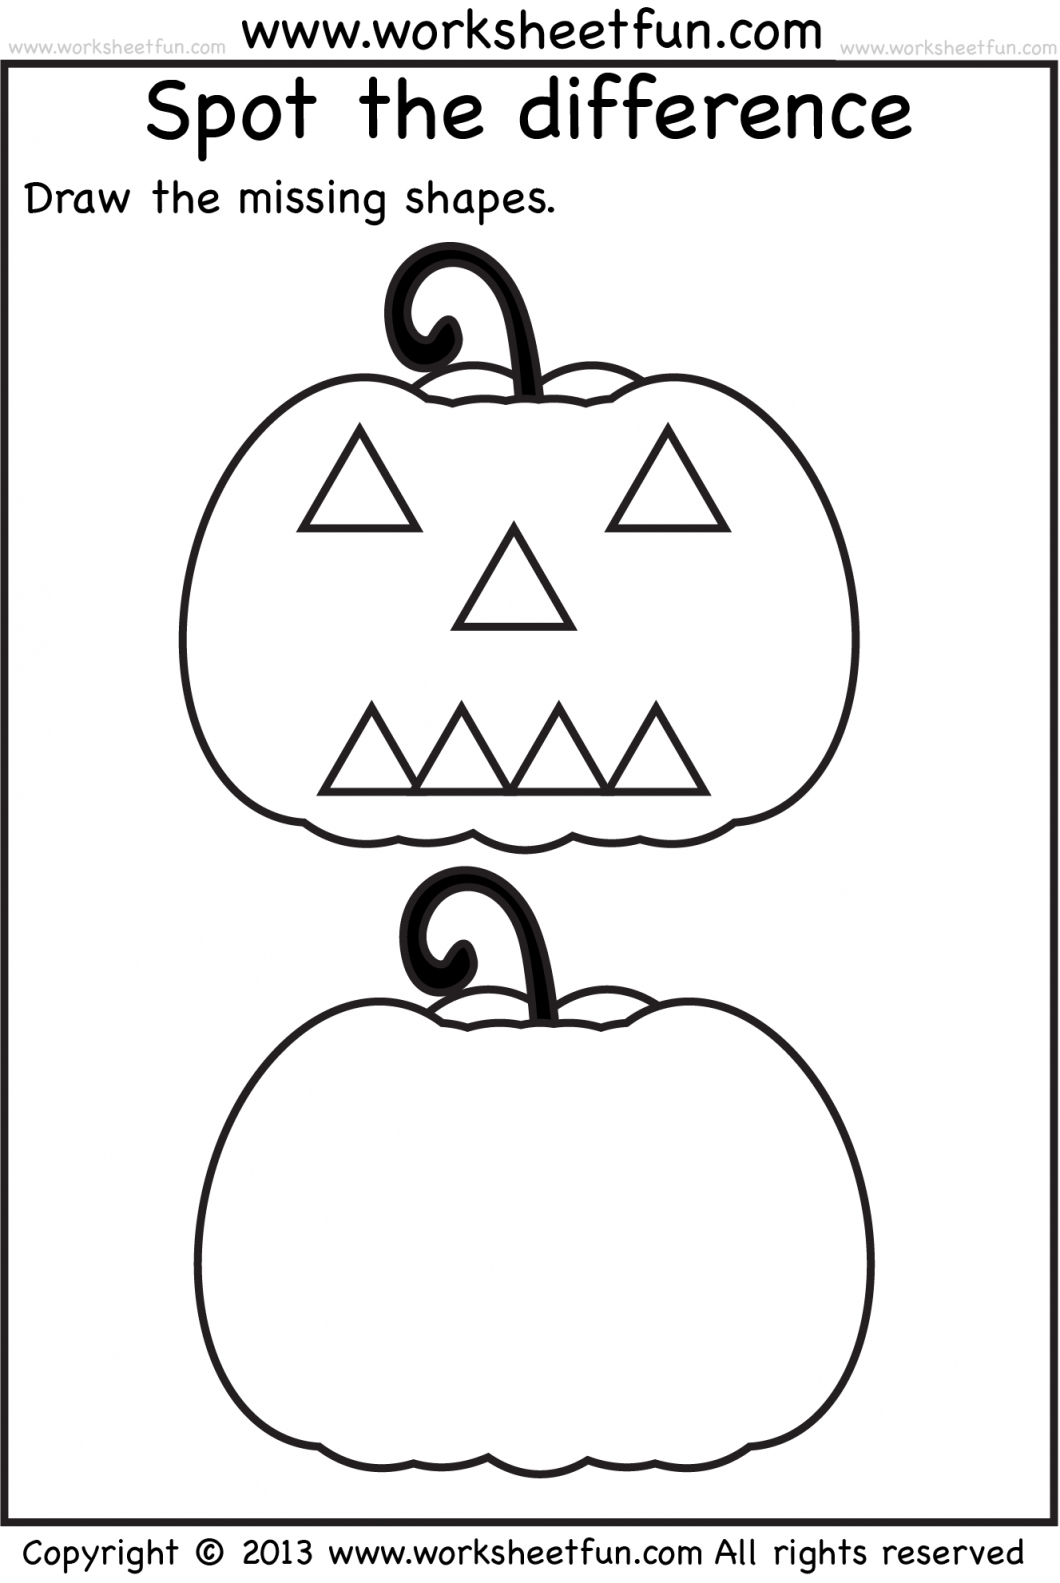 Free Preschool Activity Sheets – With Number Activities For | Preschool Halloween Worksheets Printables